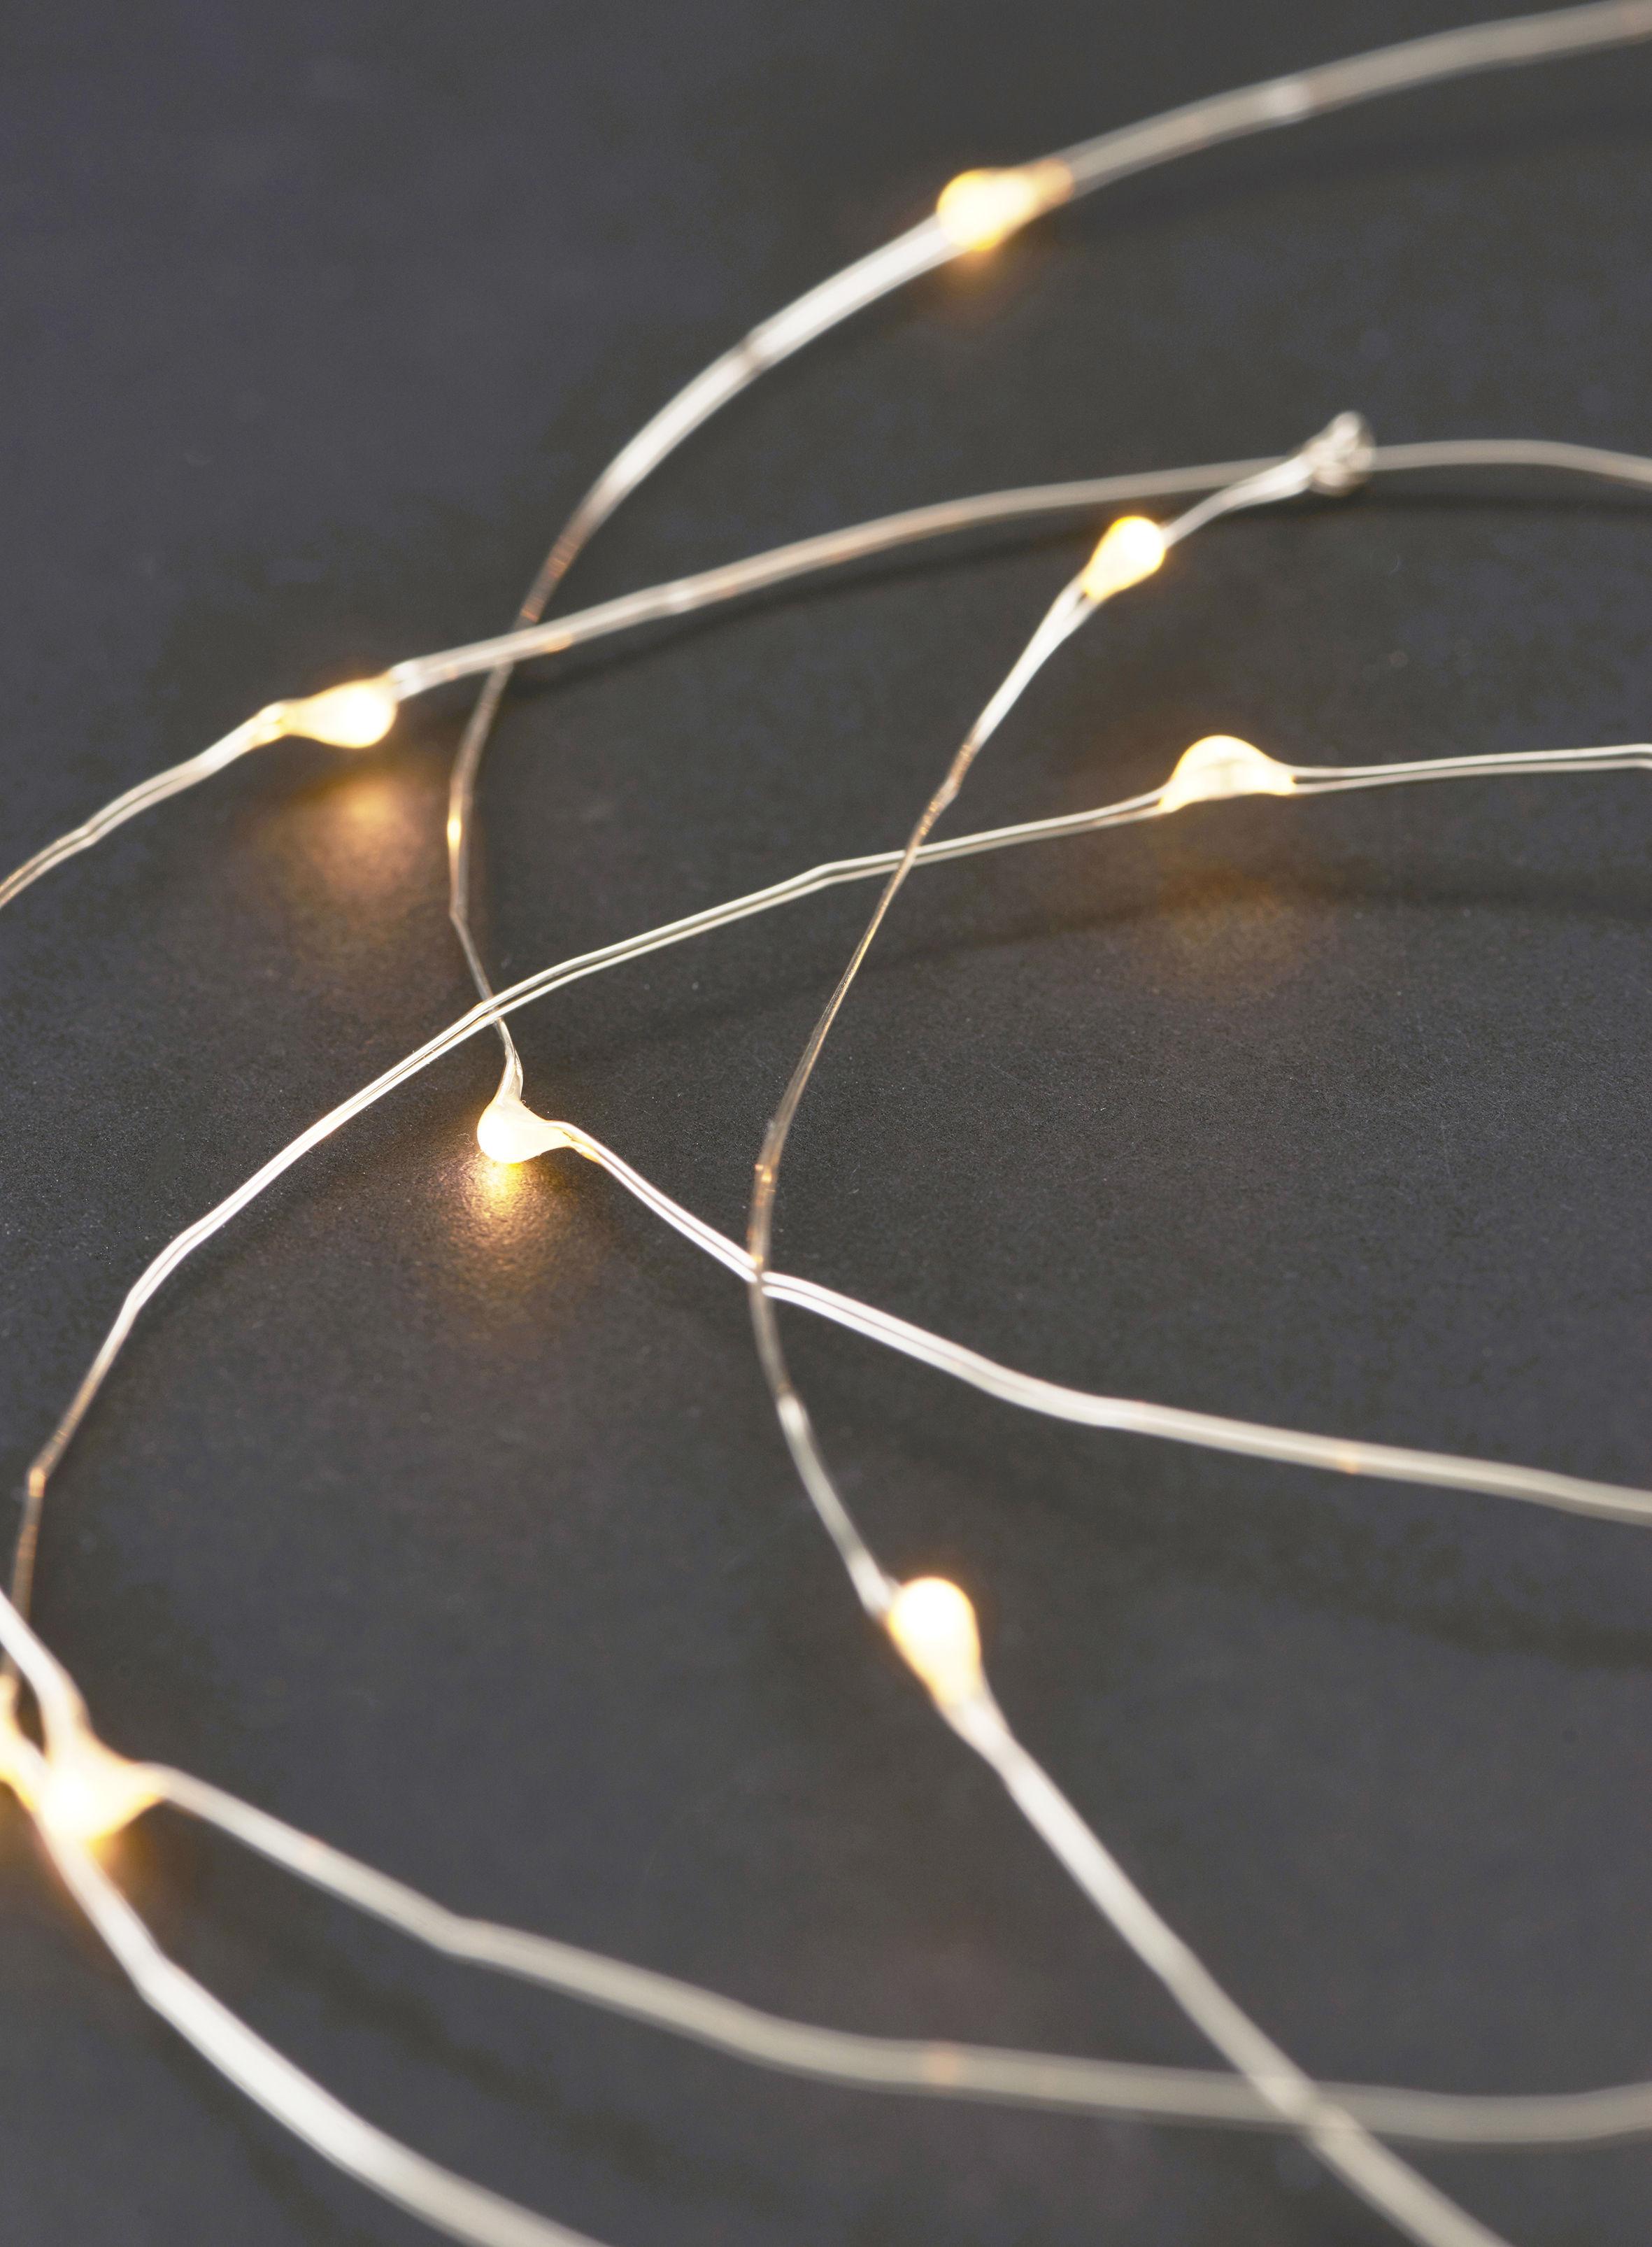 string lights lichterkette led 10 m metall by house doctor made in design. Black Bedroom Furniture Sets. Home Design Ideas